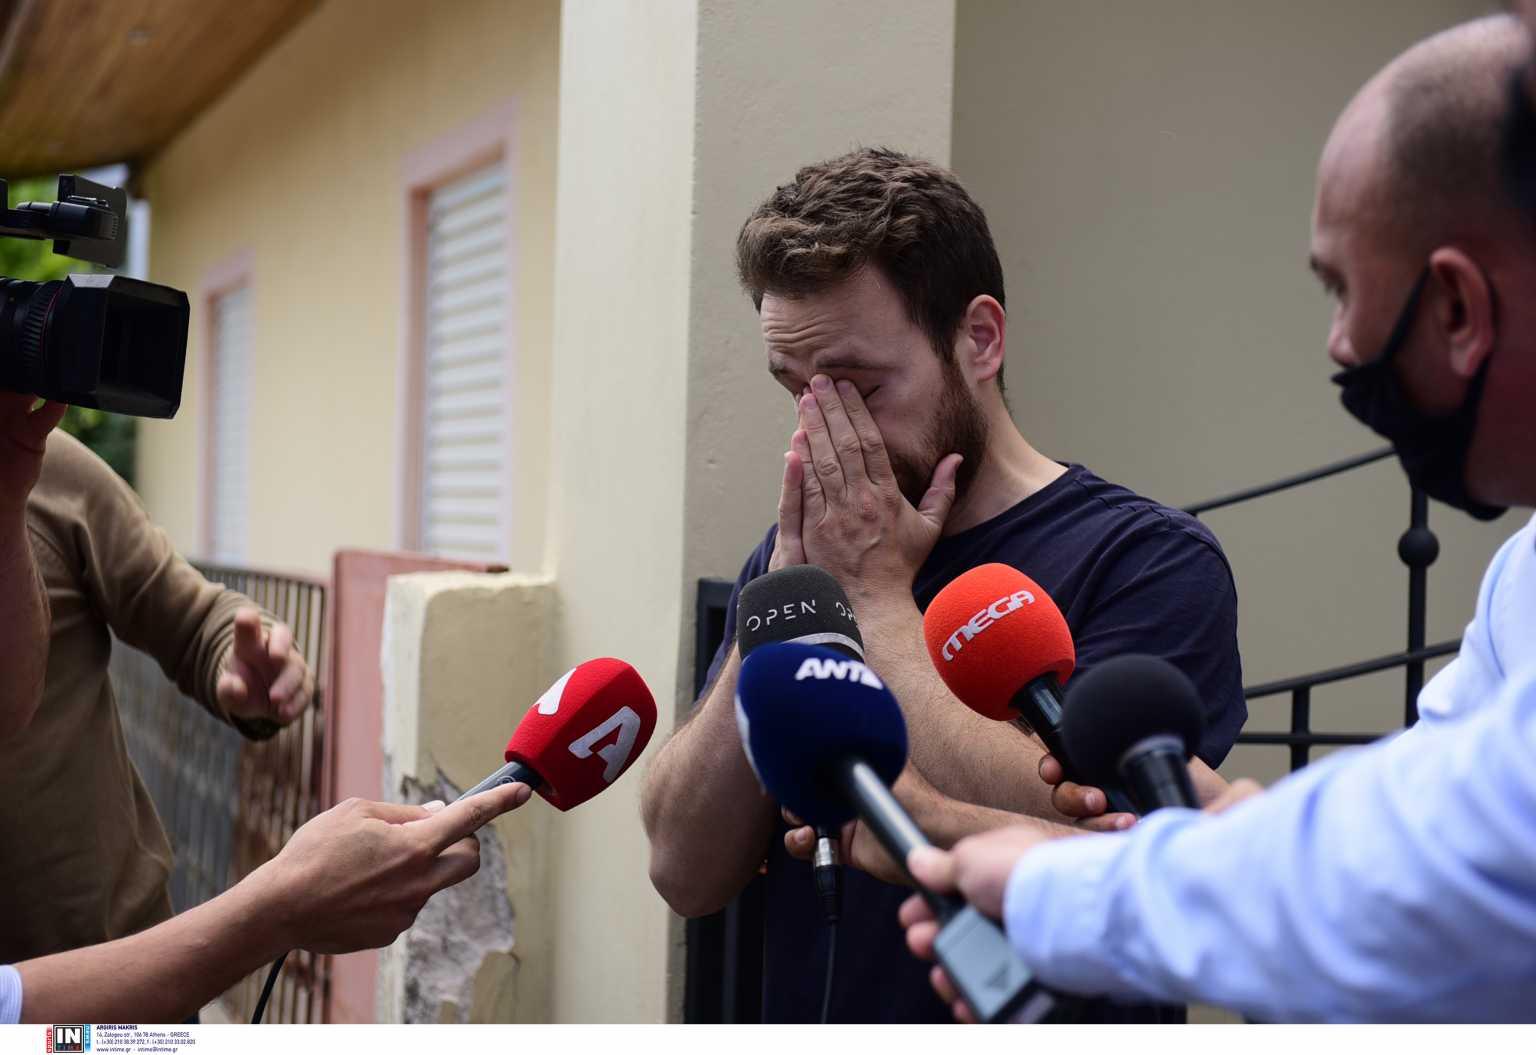 Φαίη Σκορδά: «Τι πατέρας είναι αυτός που σκοτώνει και ακουμπάει το μωρό στη νεκρή μάνα;»